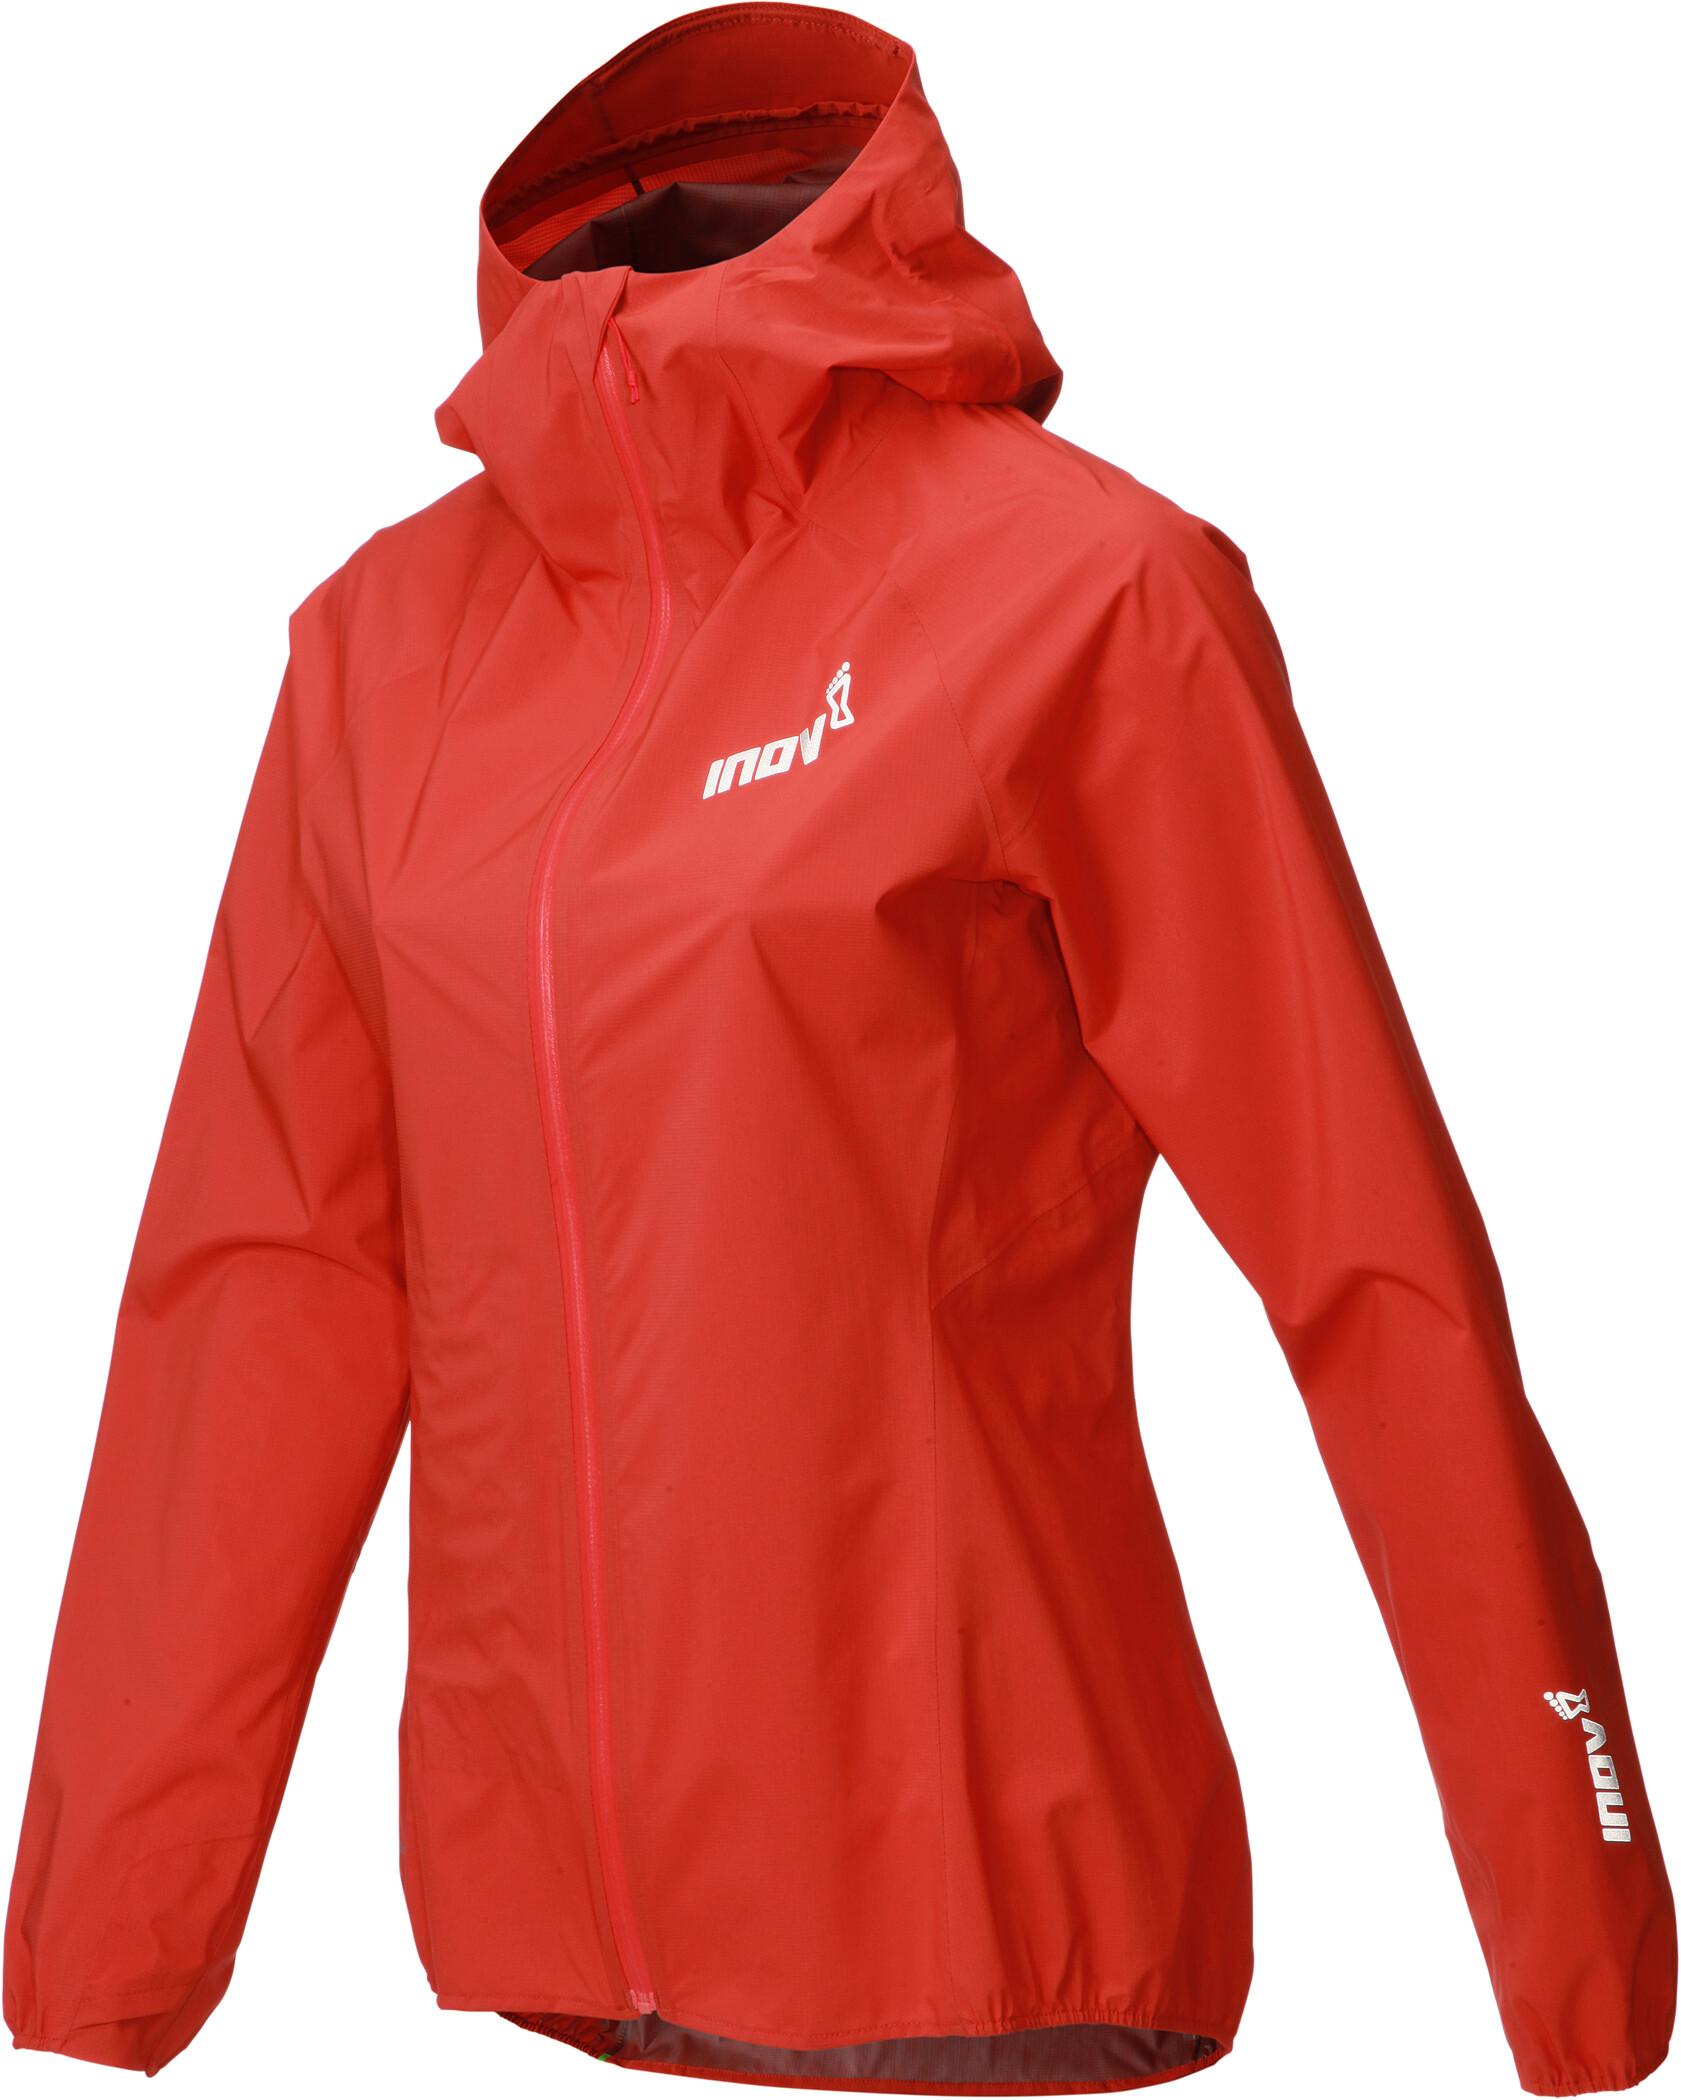 inov 8 Stormshell Full Zip Jacke Damen red